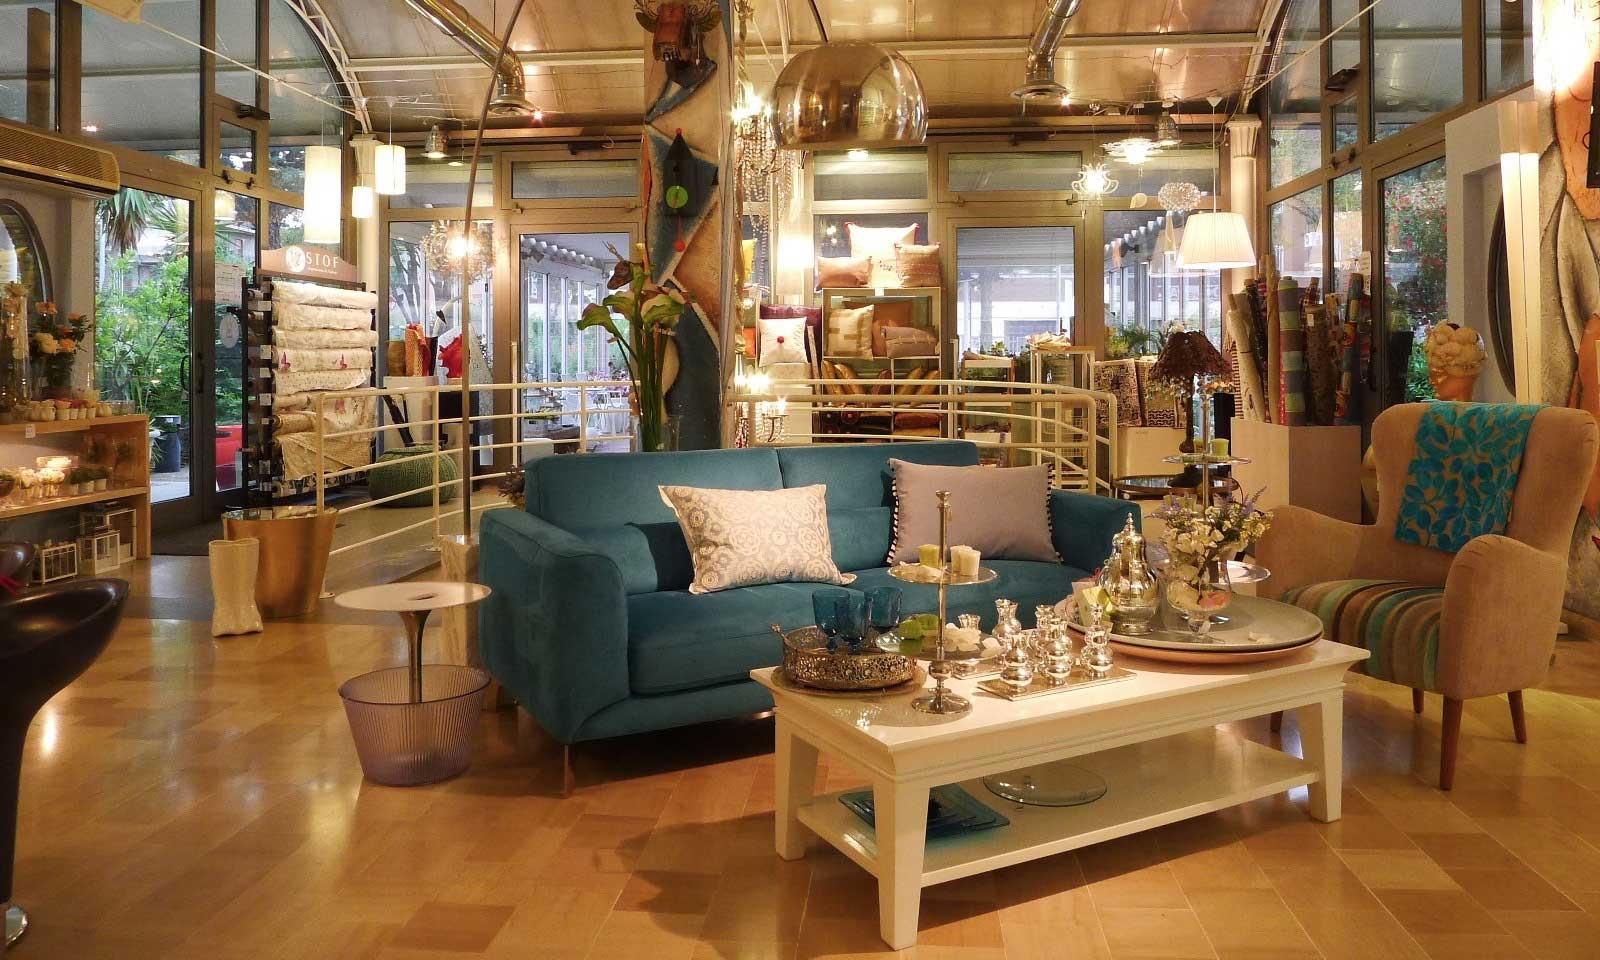 Negozio principale e giardino idea pazza idearredamenti mobili e complementi d 39 arredo - Negozi mobili giardino bari ...